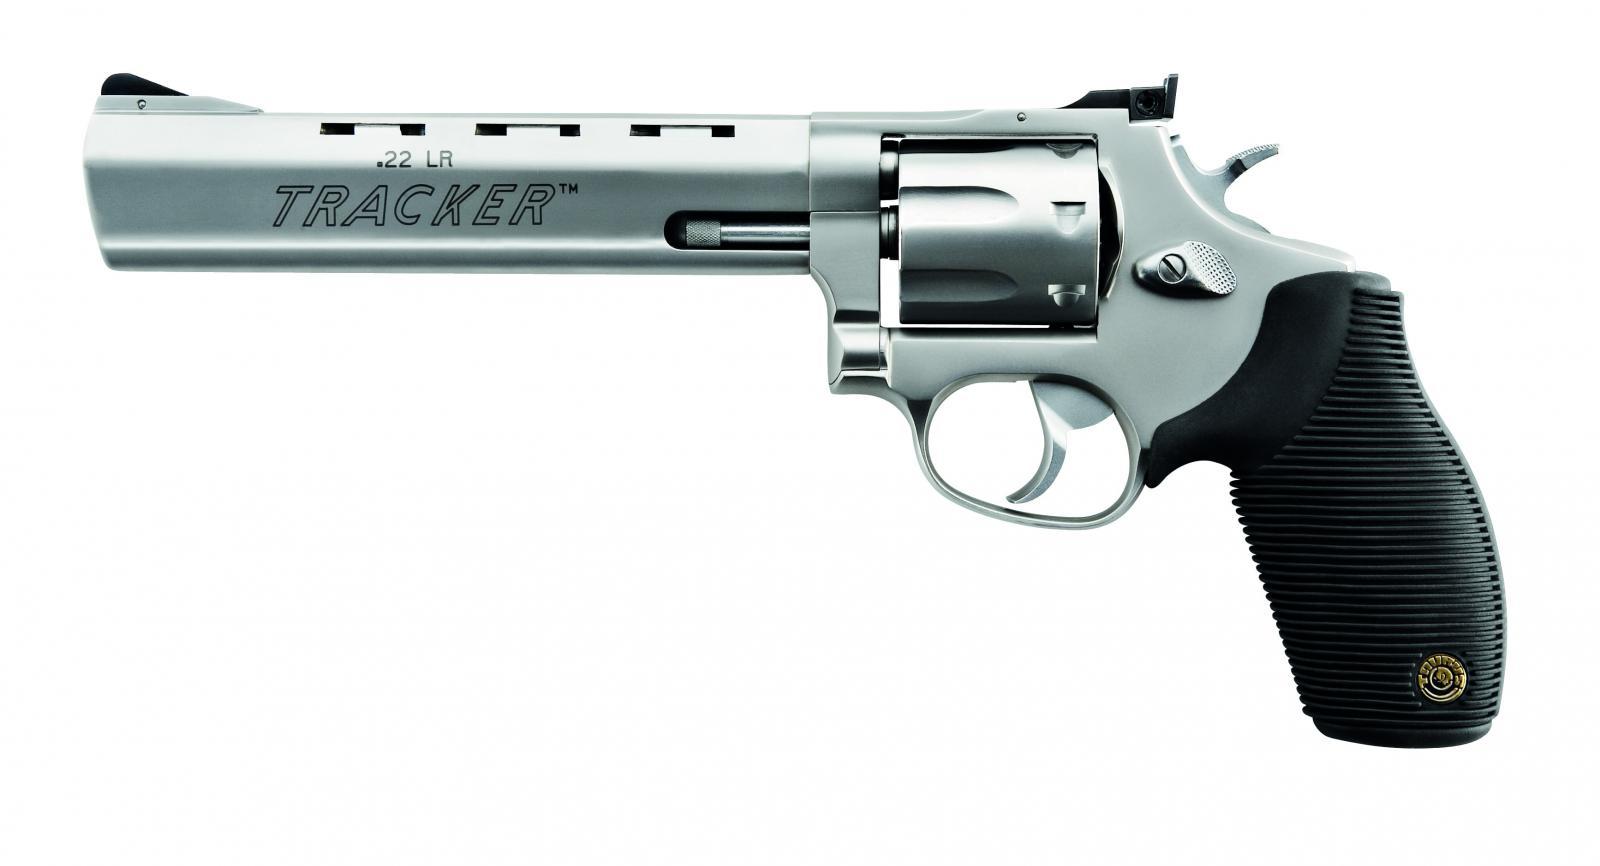 Revolver Taurus 970 Tracker 22 lr